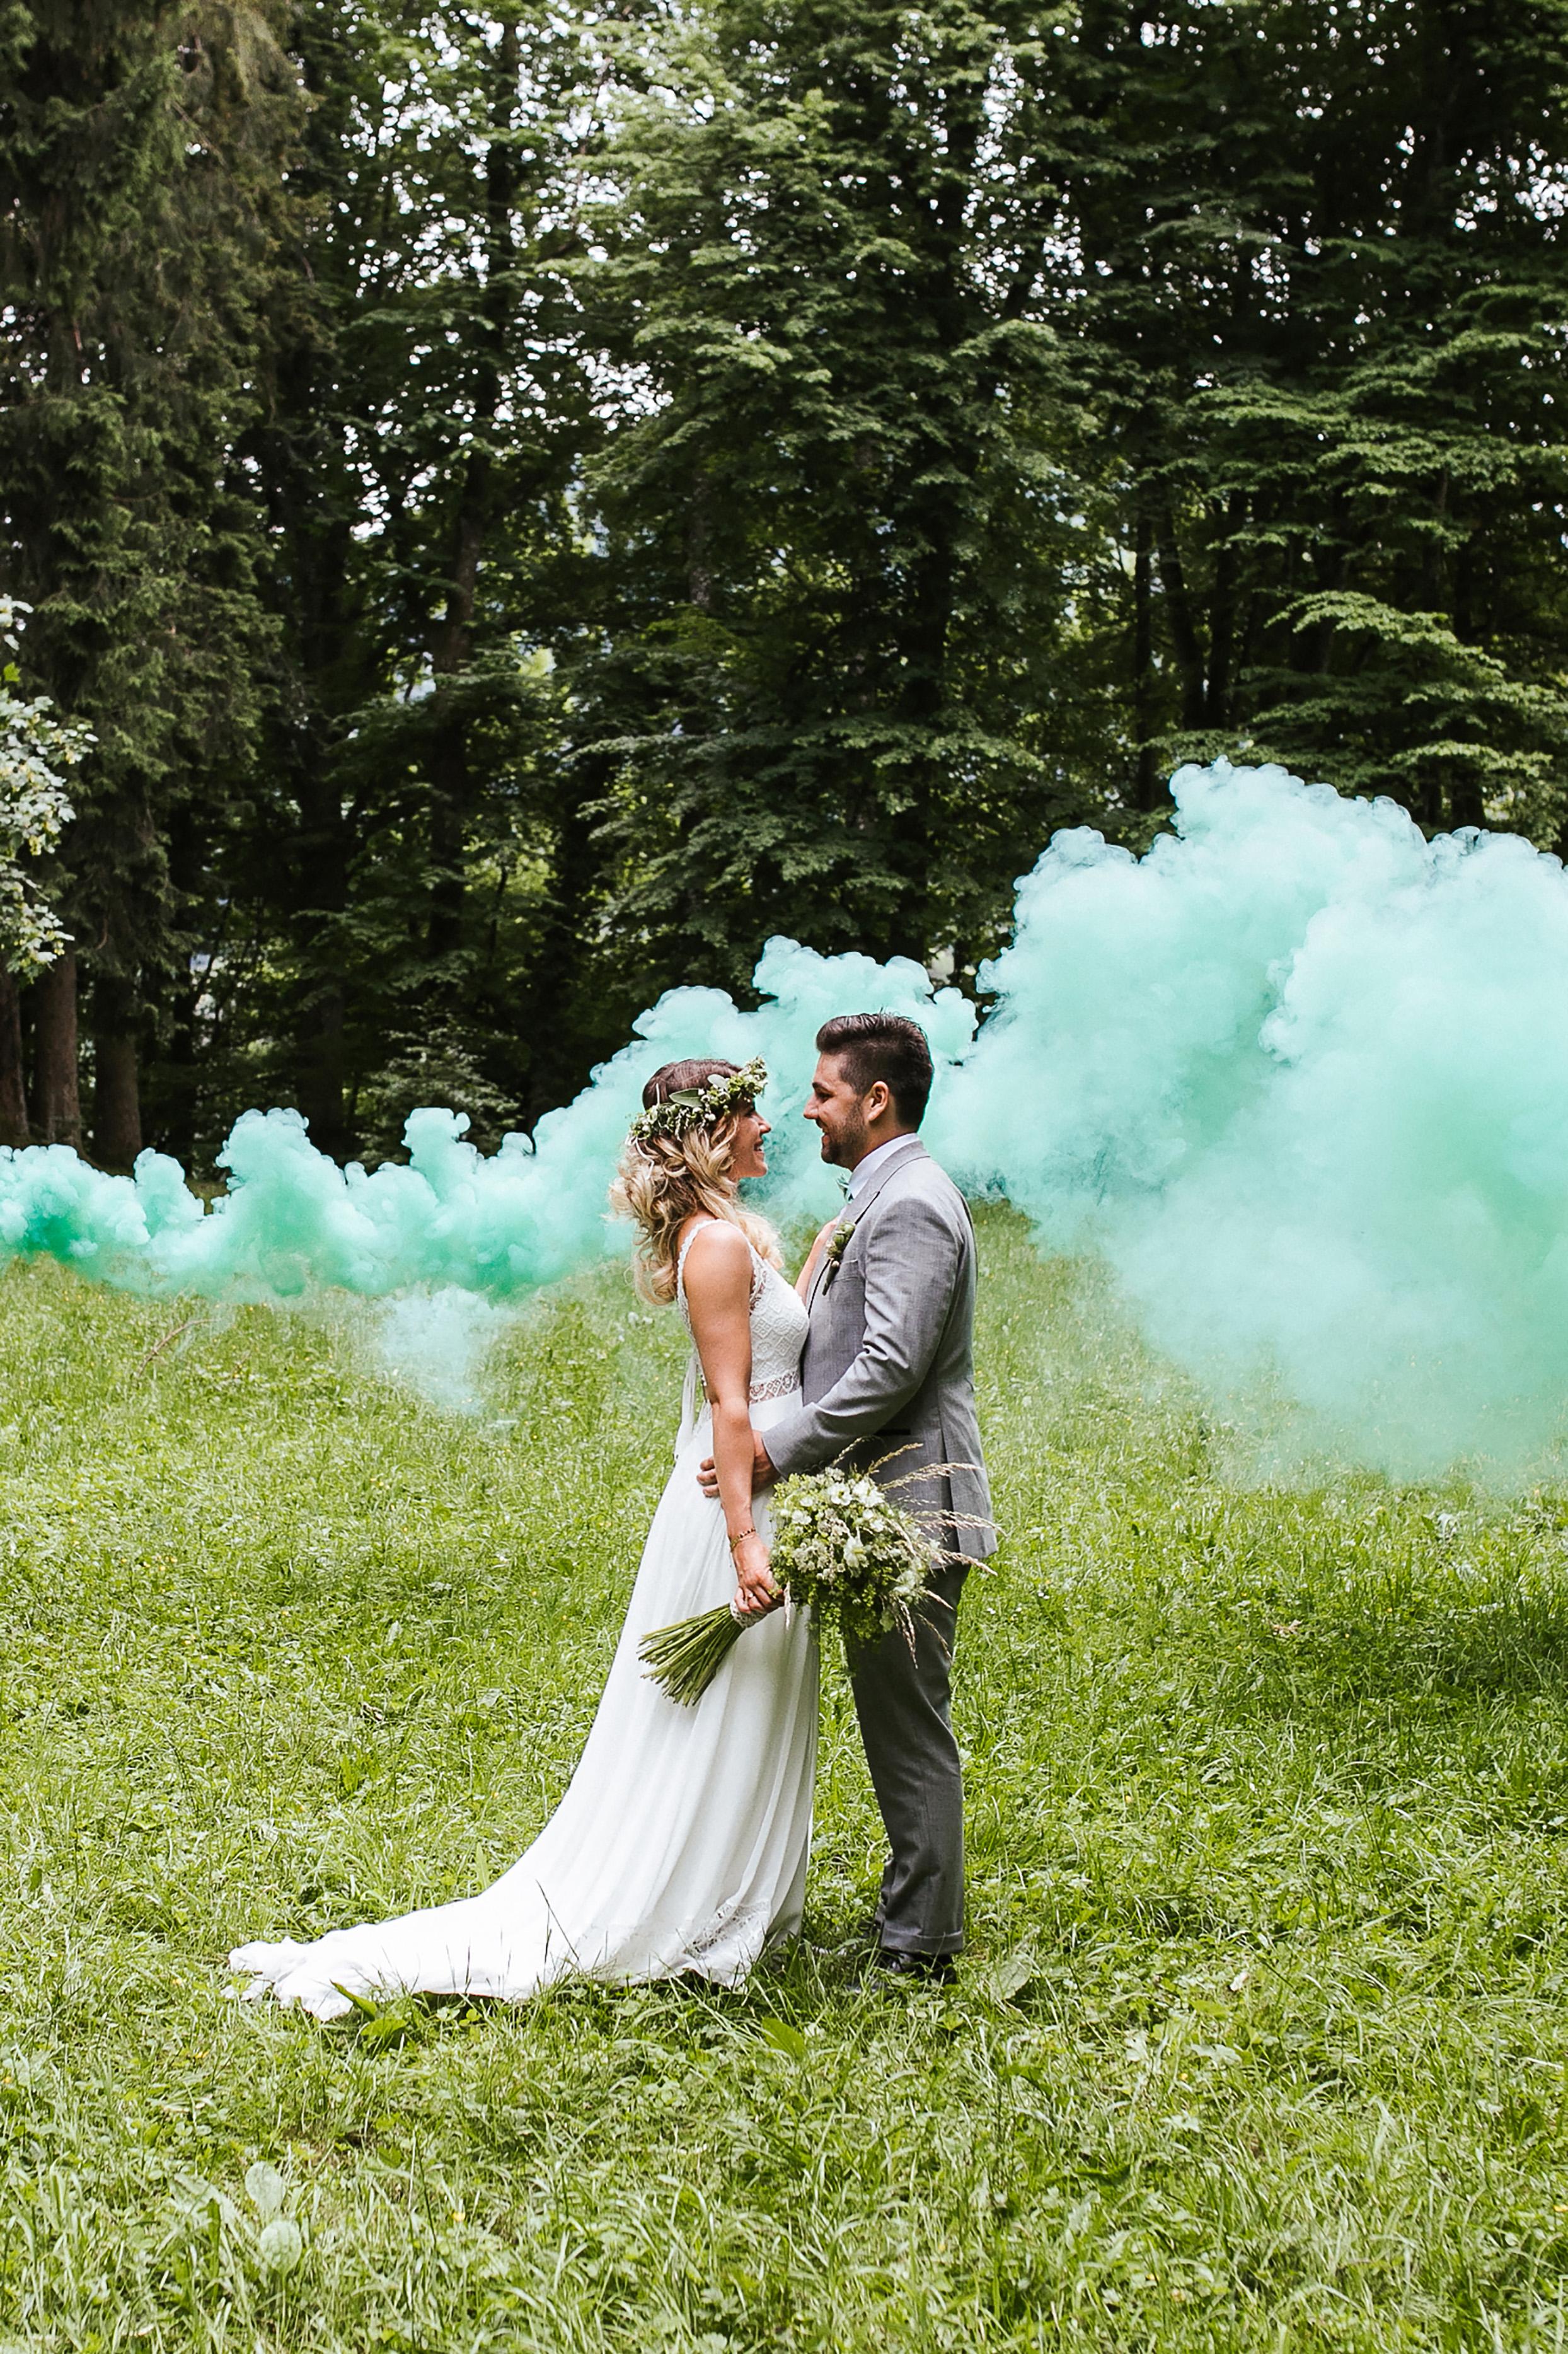 Hochzeitsfotografin Irina Gantze